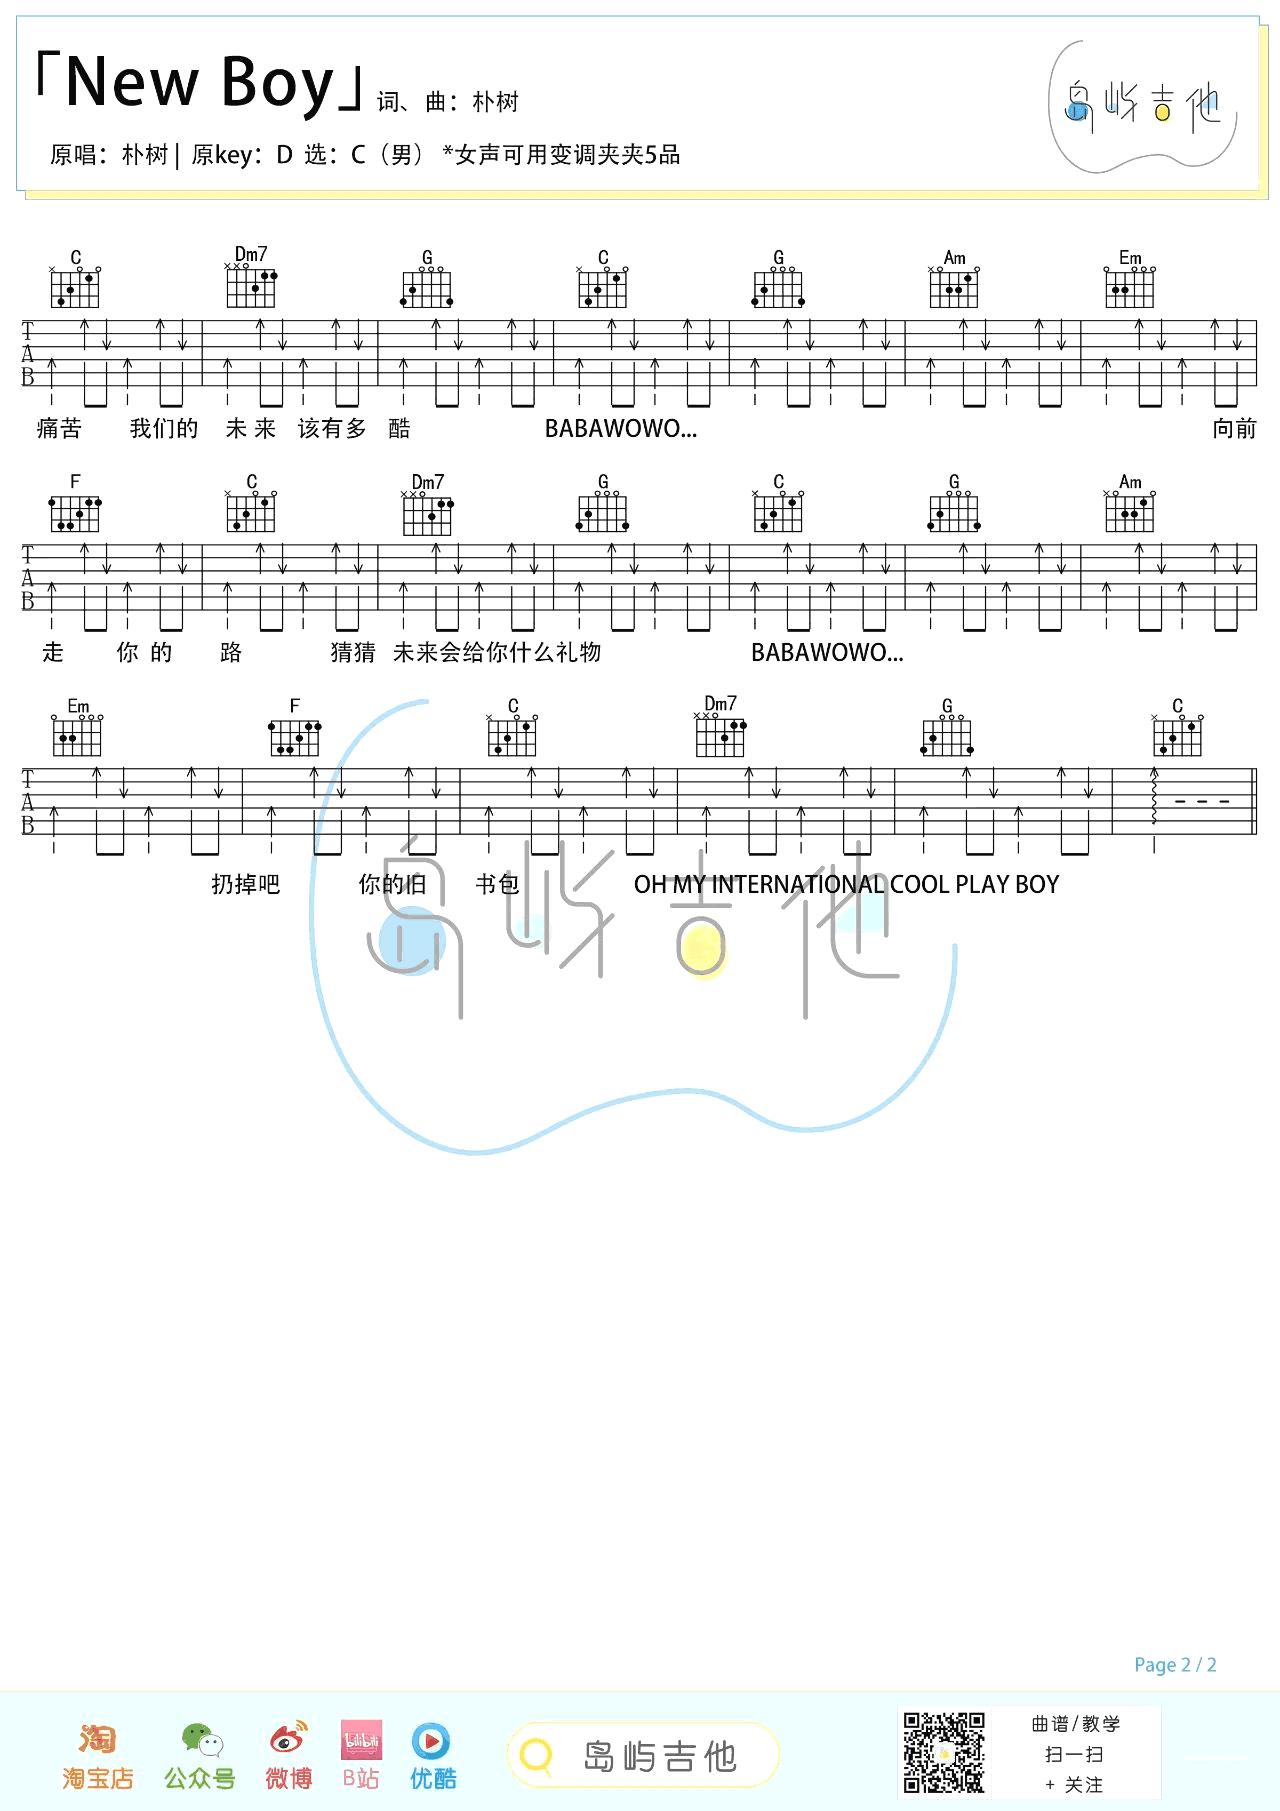 朴树-New Boy吉他谱-弹唱教学视频-2